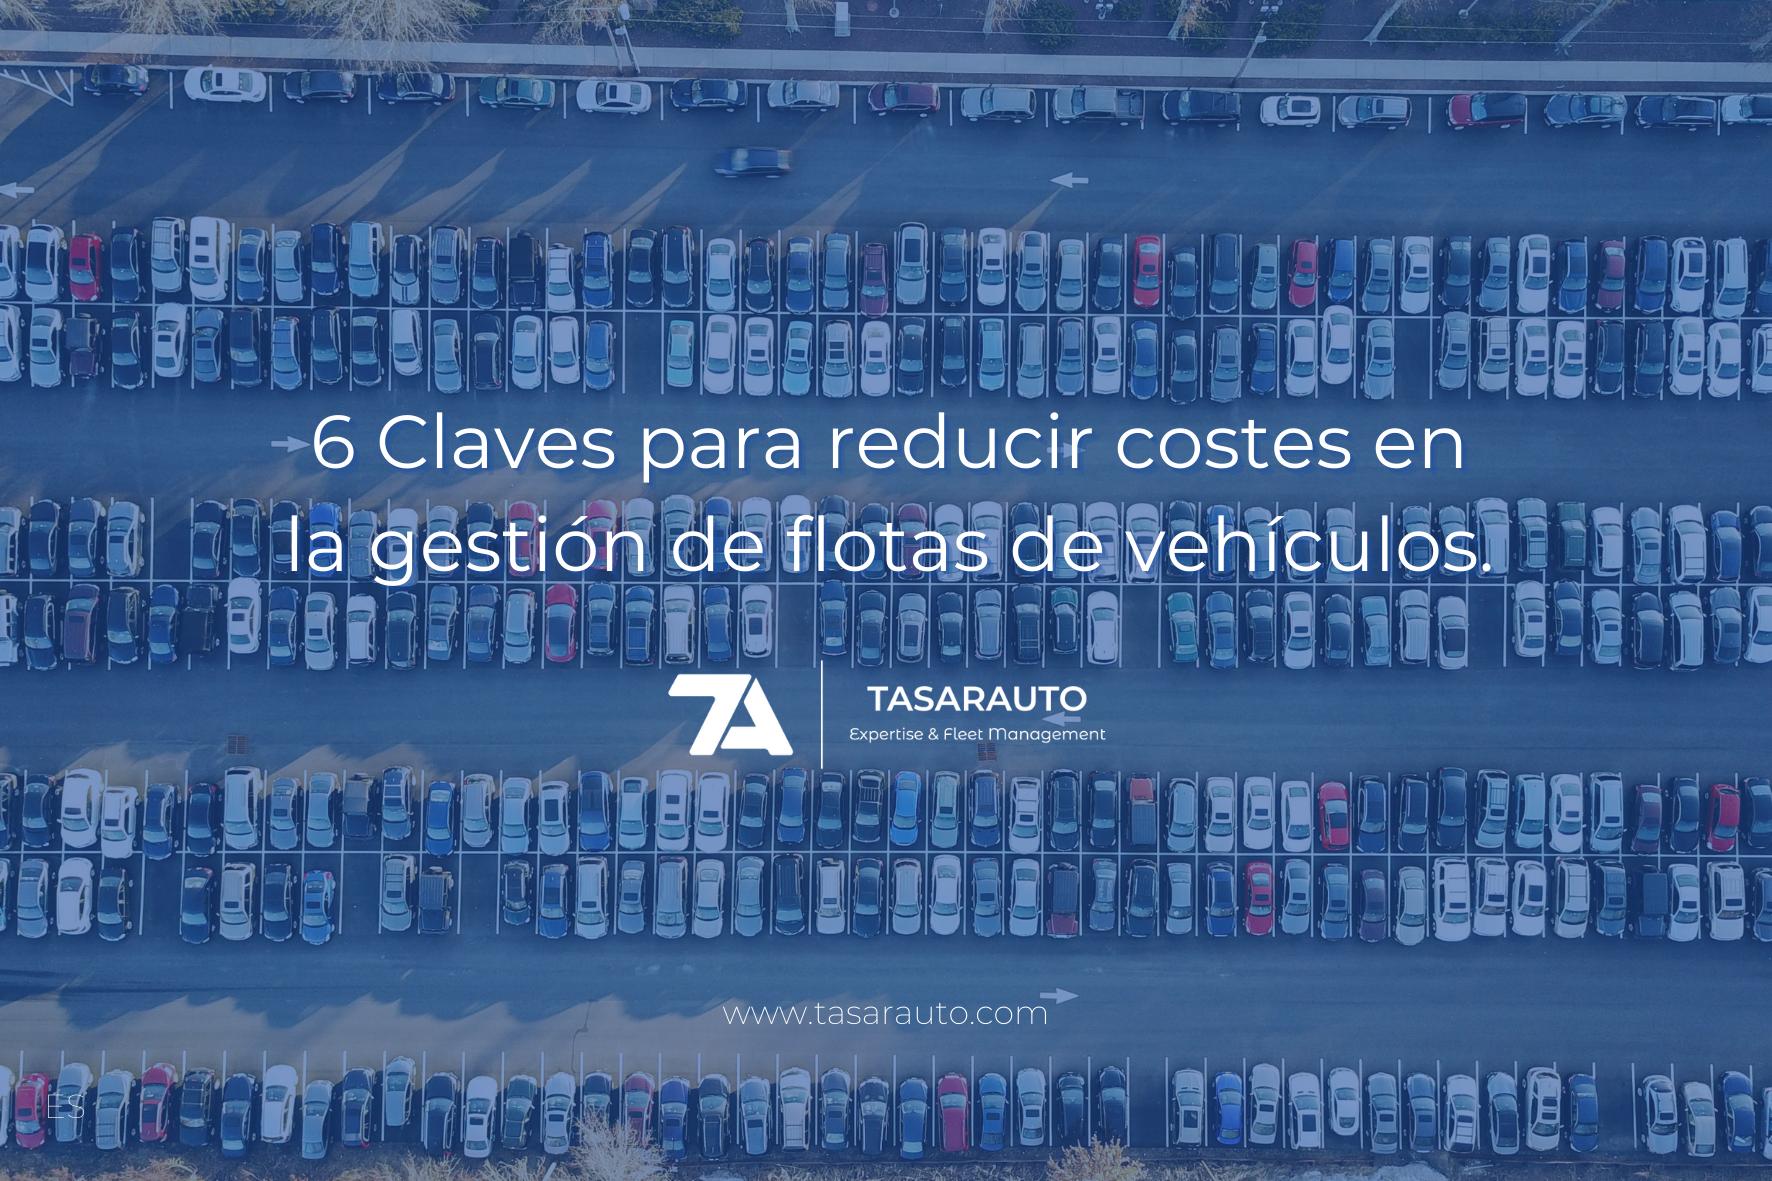 6 Claves Para Reducir Costes En La Gestión De Flotas De Vehículos.